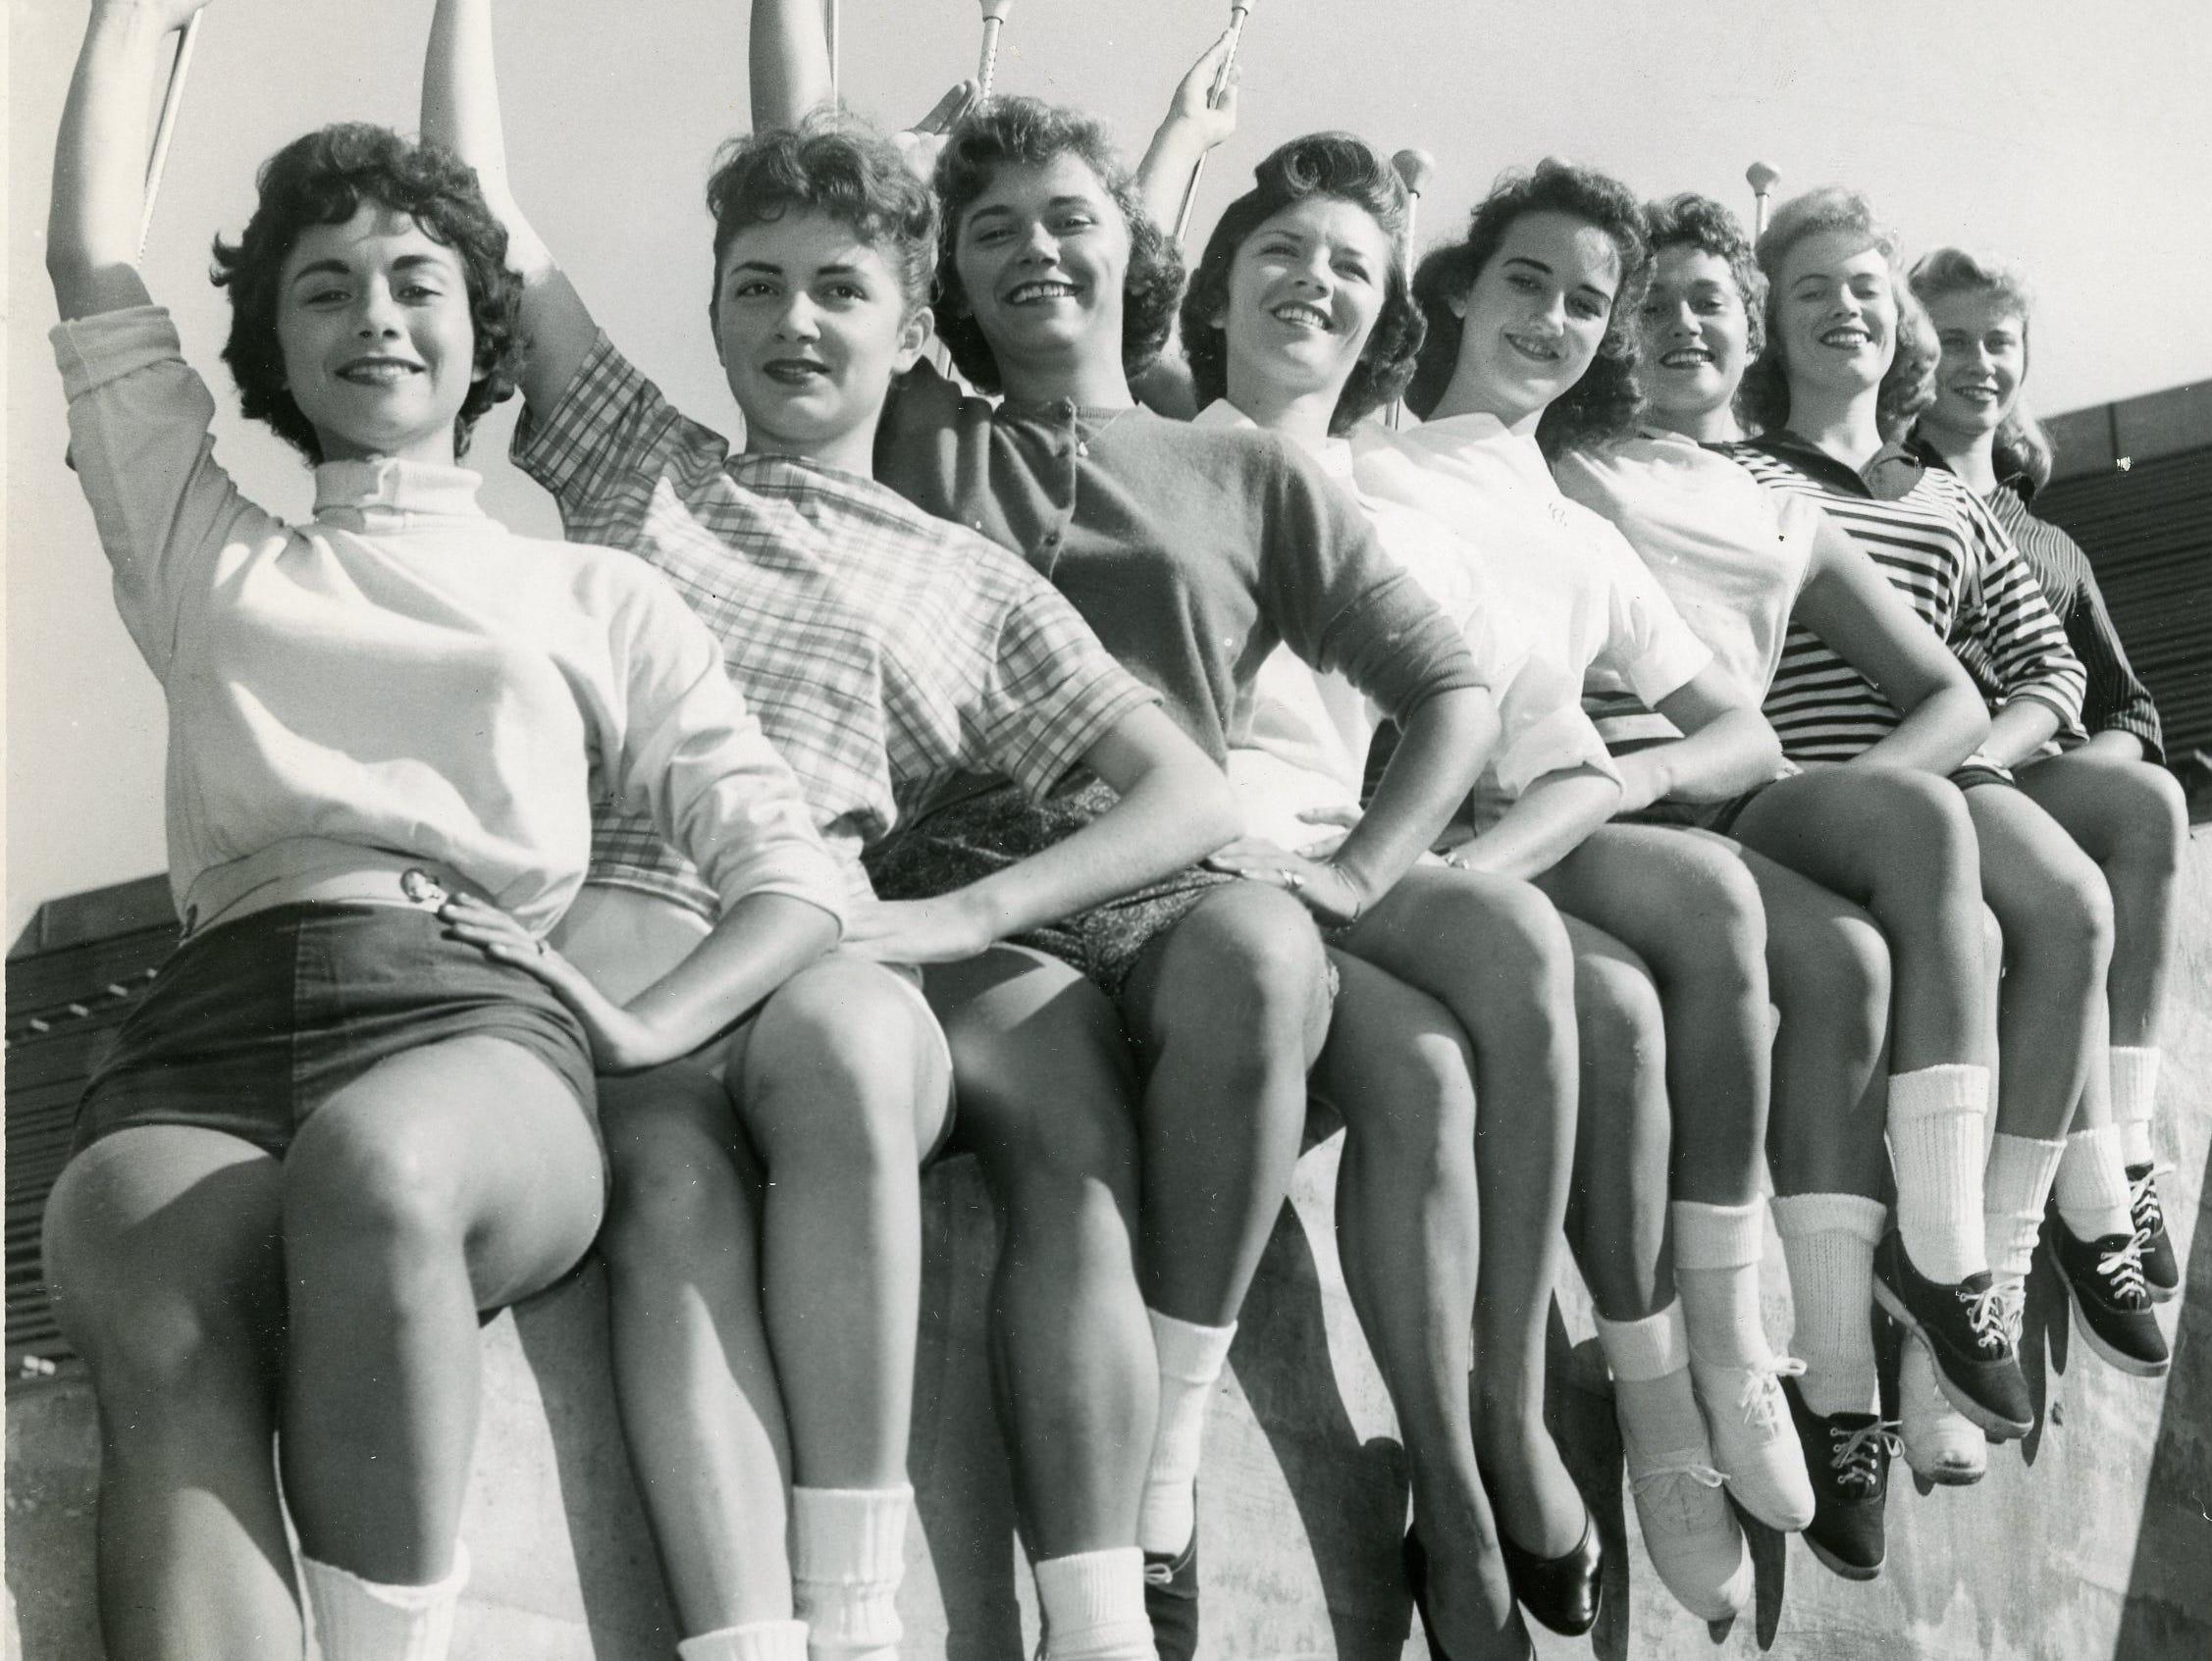 Members of the 1959 UT majorette team included from left: Brenda Jo Smith, Lynda Free, Celia Wright, Mary Ruth DeArmond, Claudette Riley, Phyllis Swann, Helen Newport and Jo Hawk.